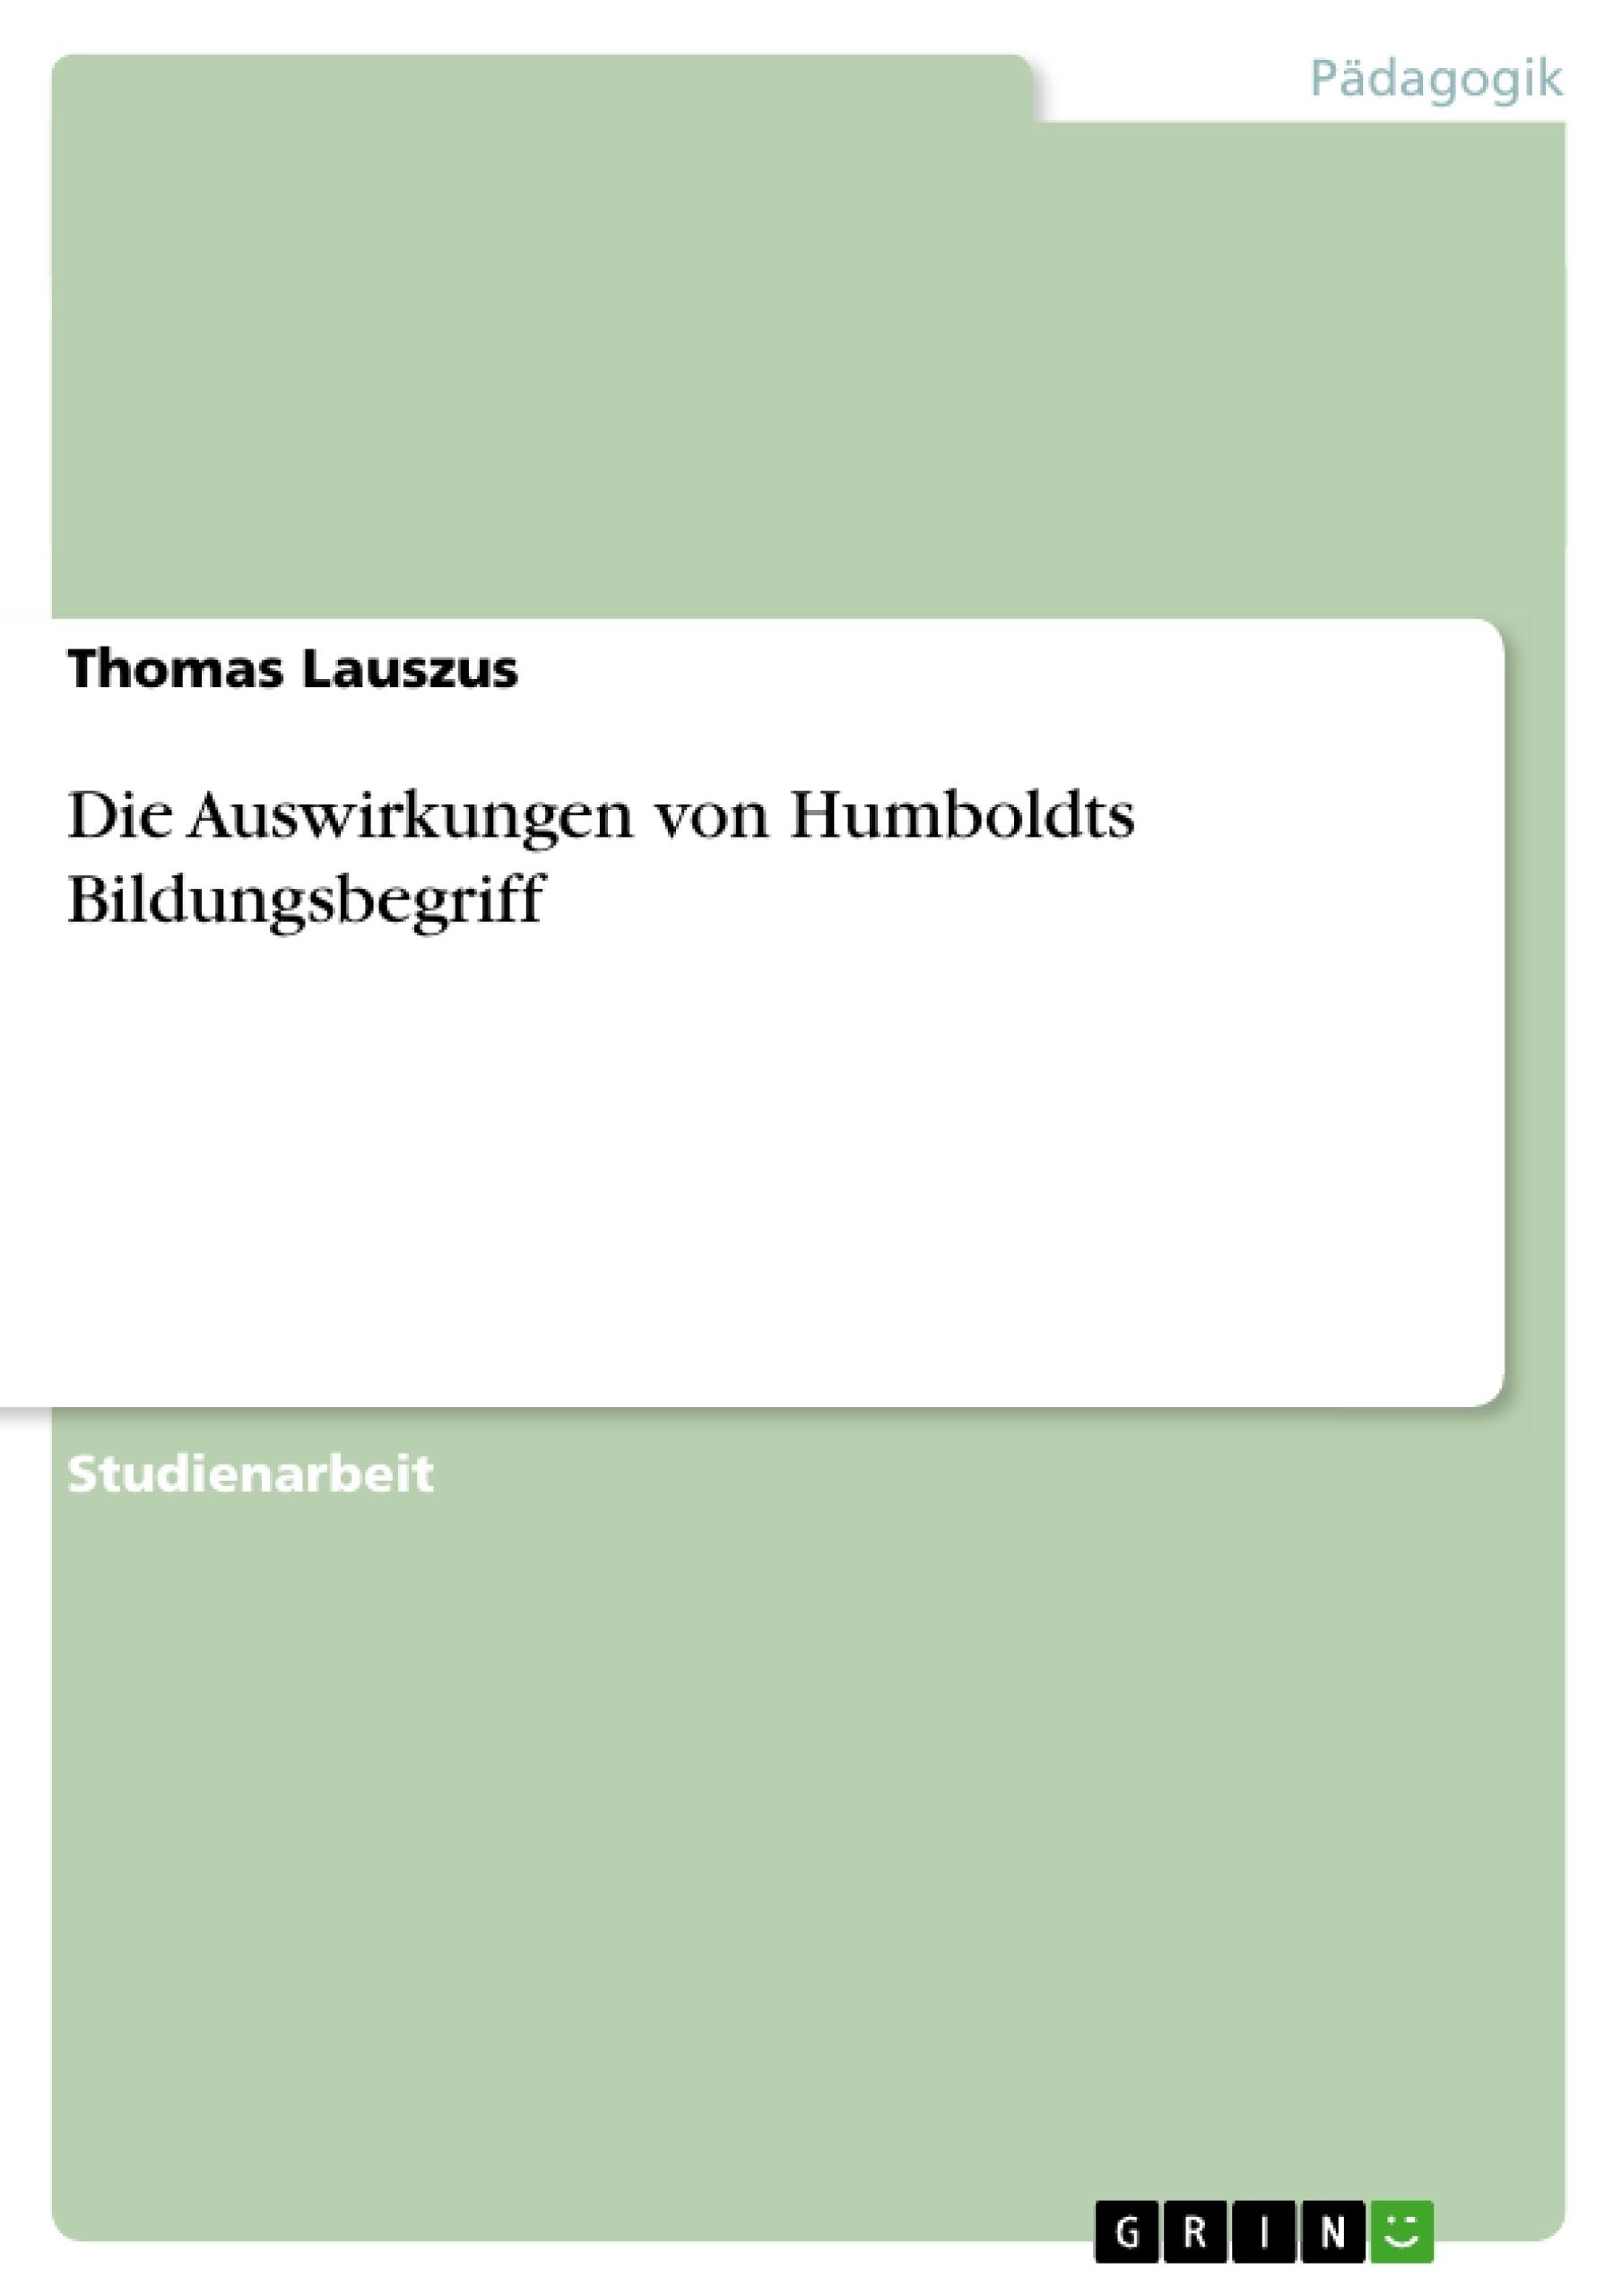 Titel: Die Auswirkungen von Humboldts Bildungsbegriff